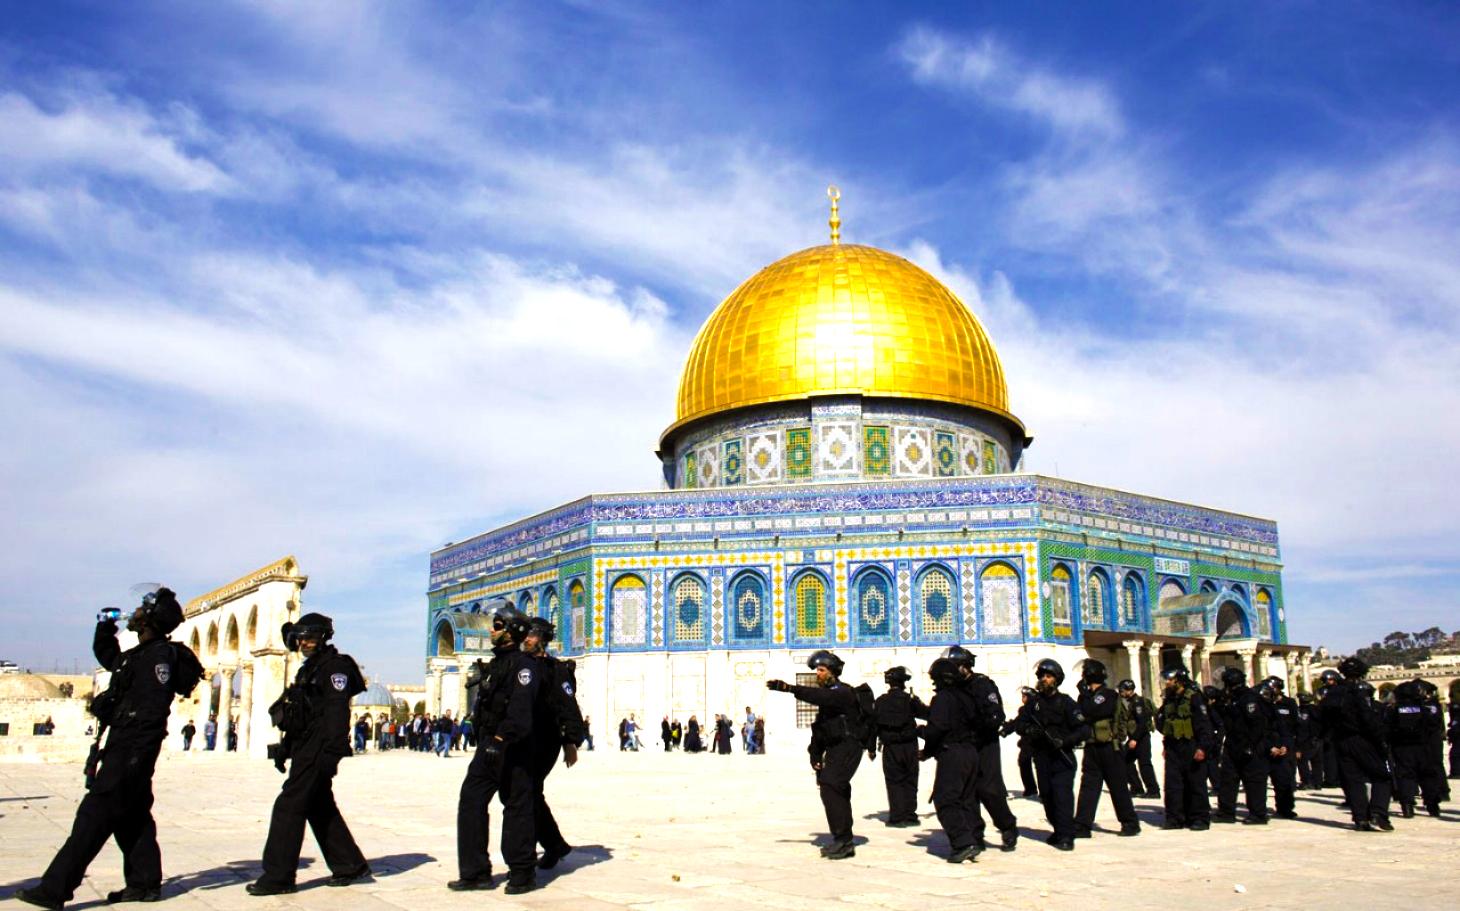 پخش اذان از مسجد الاقصی،حقی مورد توافق